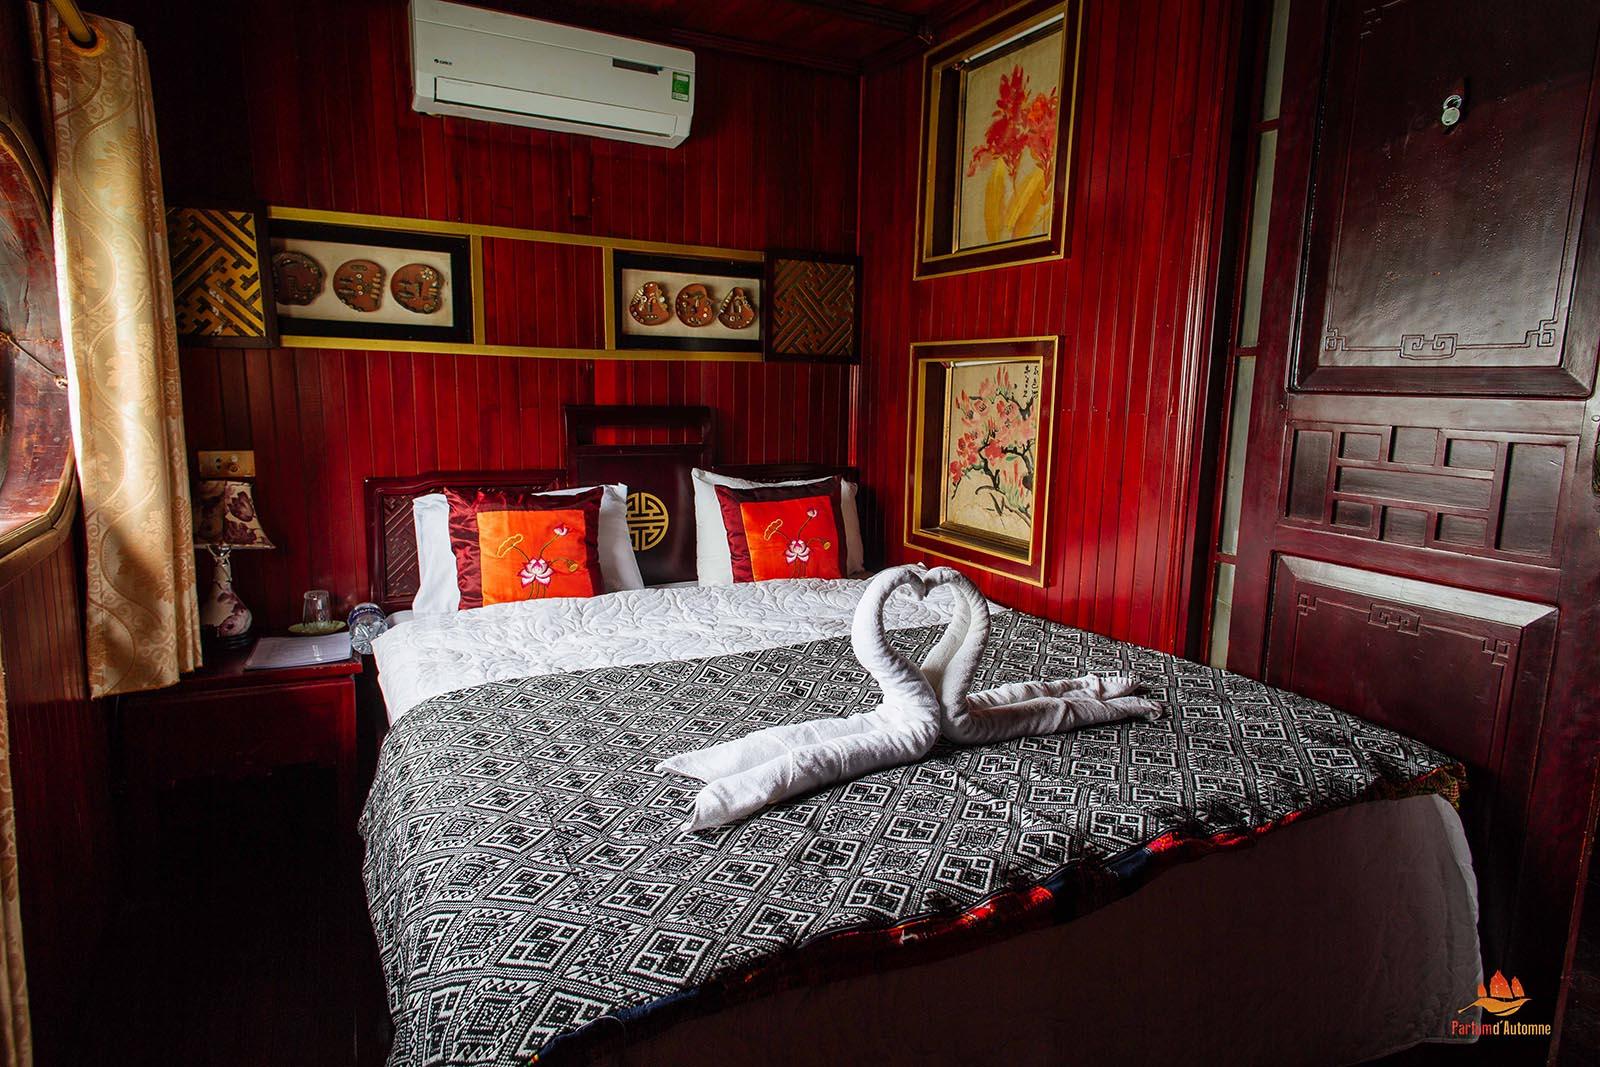 Chambre double sur la jonque Quatre Saisons, Baie d'Halong, Vietnam